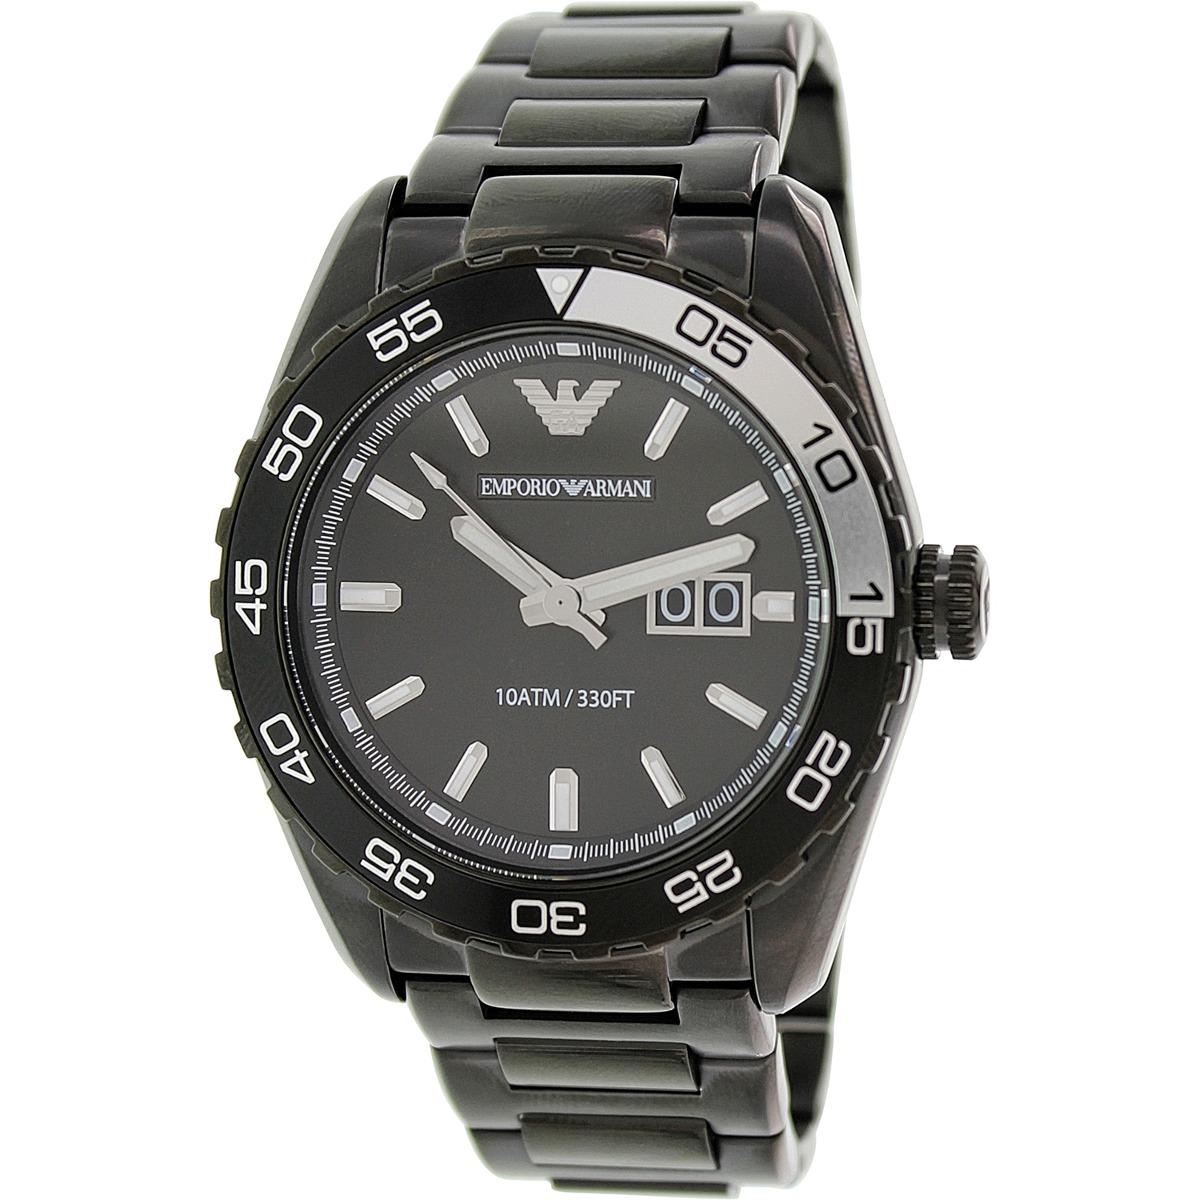 7ddfbcae963b reloj emporio armani para hombre ar6049 deportivo color. Cargando zoom.